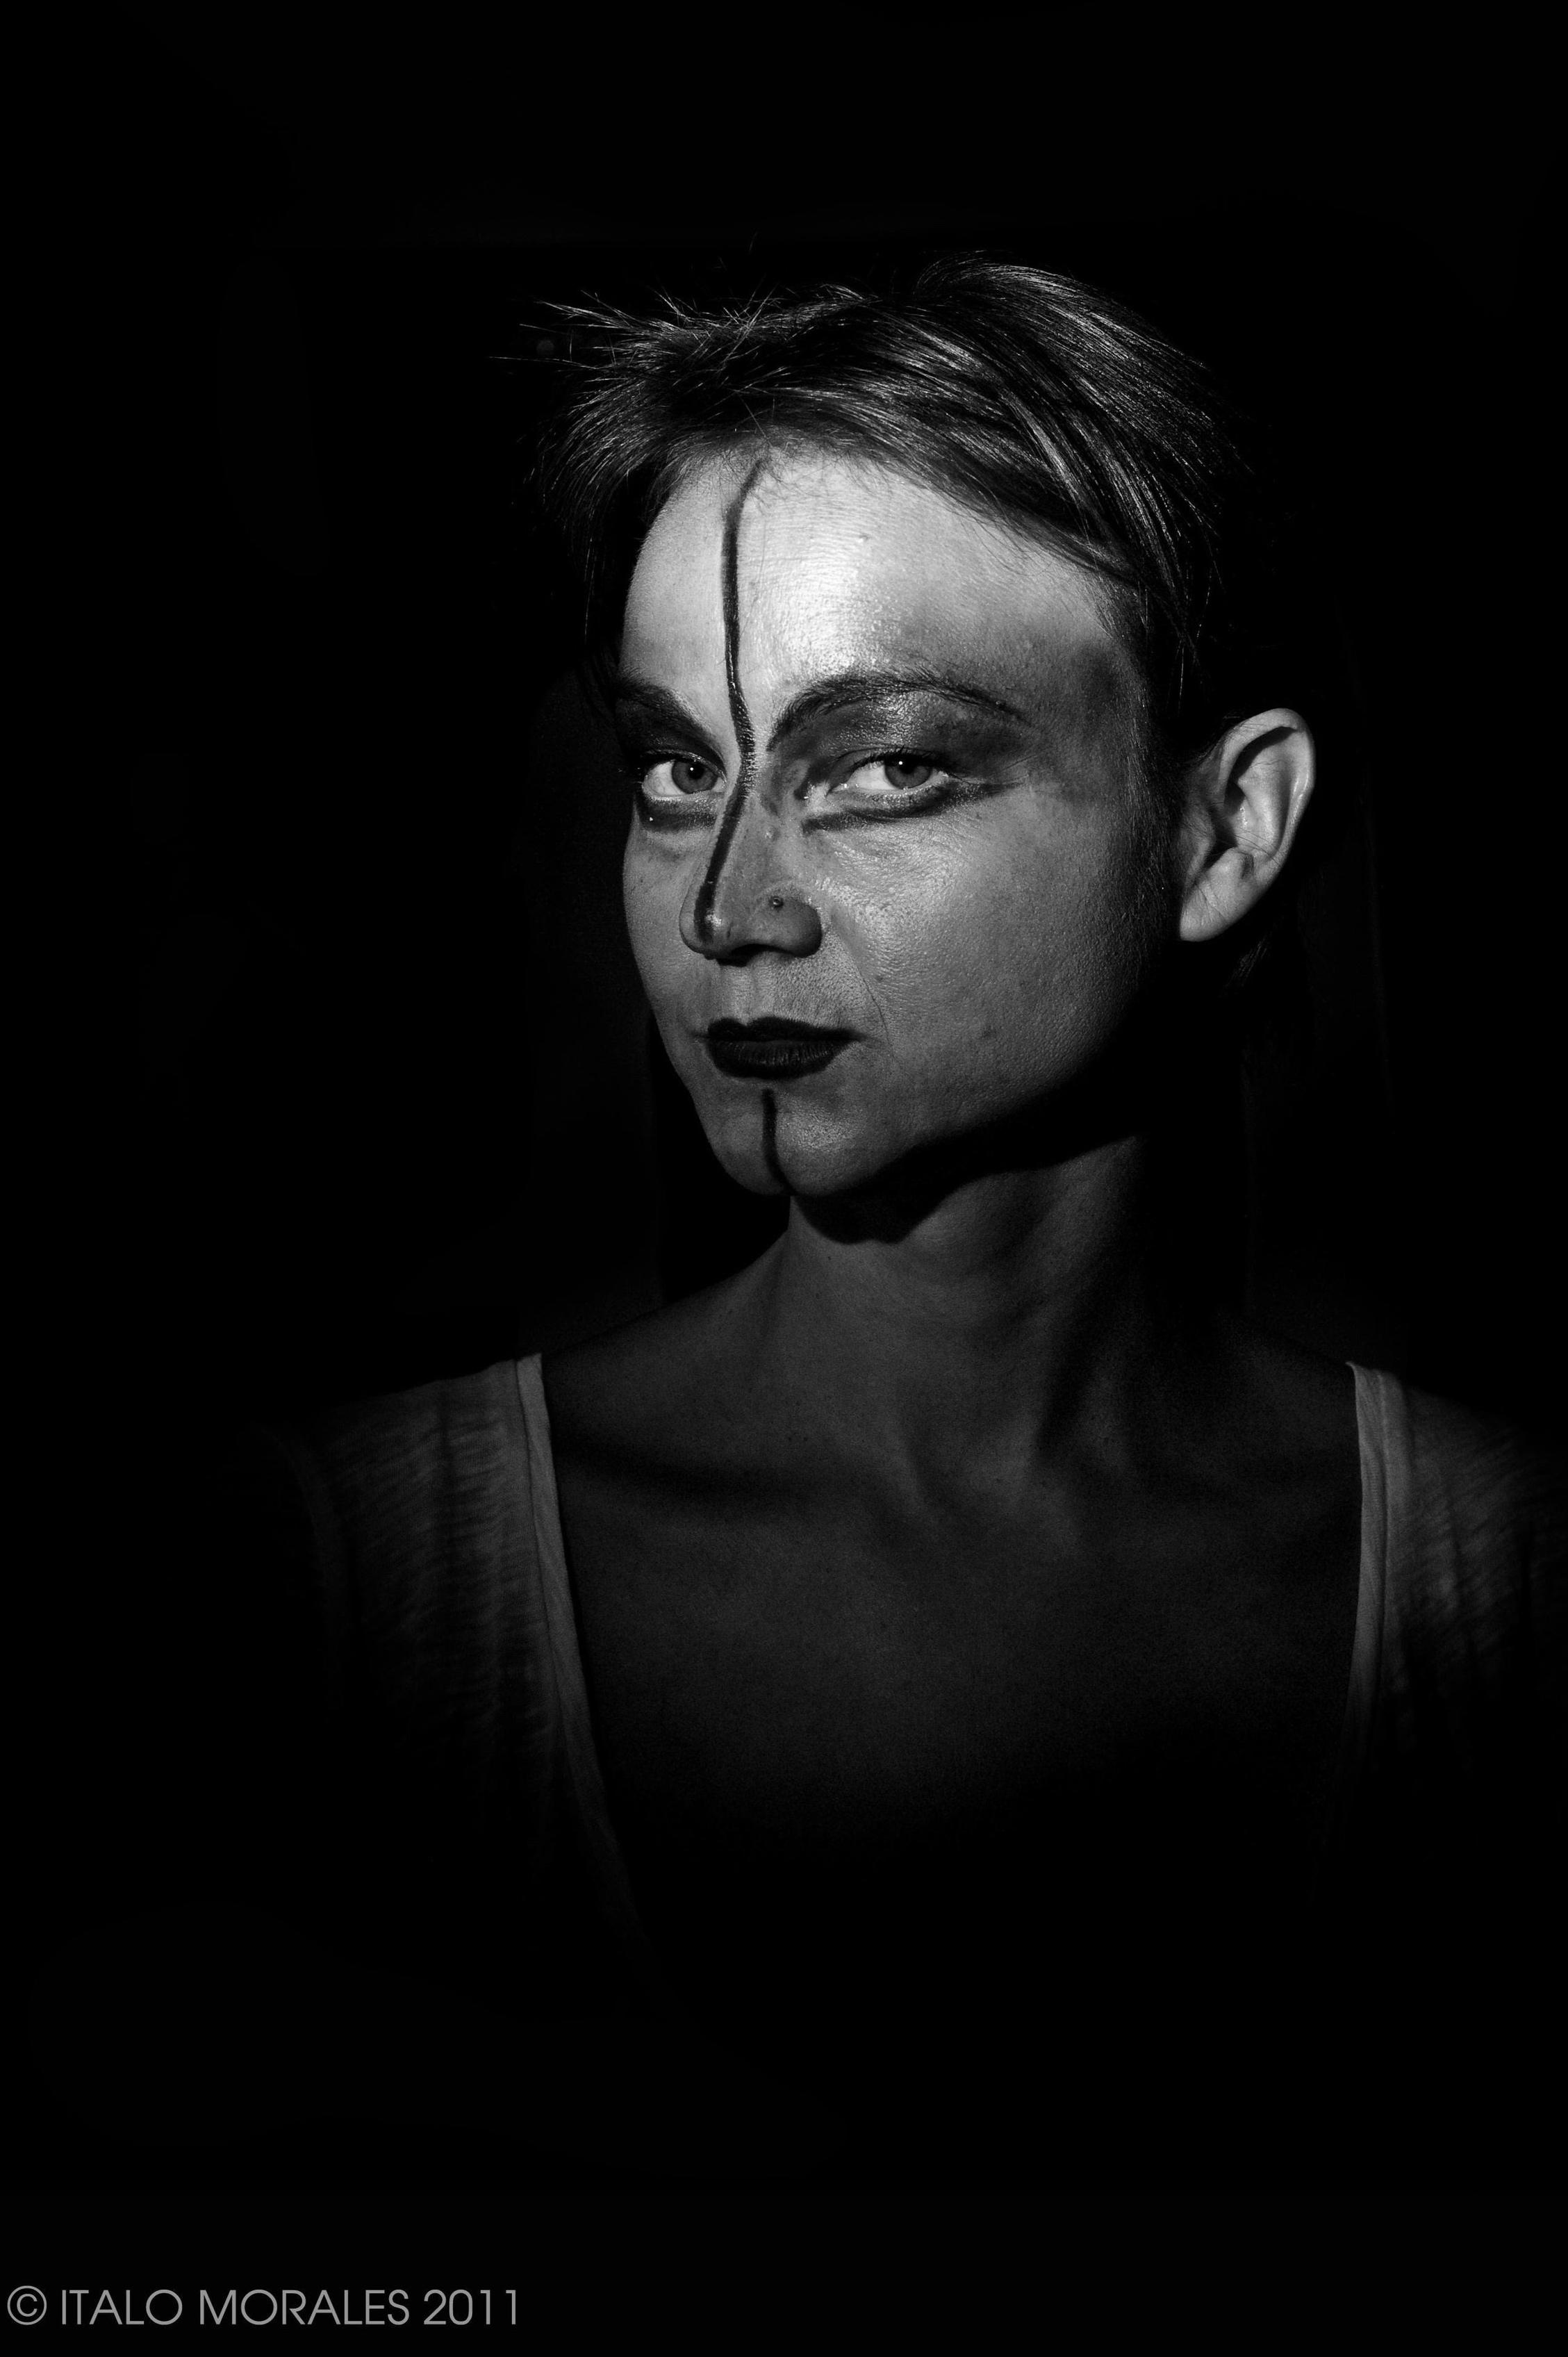 ILONA SCHNEIDER  photo: italo morales    Ilona SCHNEIDER estudia canto en el Conservatorio Nacional de Versalles, donde obtiene el primer premio en 2008. En el 2007 participa en una gira europea con el espectáculo  El Fervor de la Perseverança , de Carles Santos, y en el 2008 actúa en las óperas Cendrillon , de Jules Massenet, dirigida por Jean-Jacques Werner y  Astrée , de Pascal Collasse, dirigida por Patrick Bismuth, en el Teatro Montansier de Versalles. Su registro de soprano coloratura le ha permitido interpretar también obras como  Carmina Burana , de Carl Orff y  La Flauta Mágica , de Mozart. Interpreta el  Cant de la Sybil·la  en el acto institucional de la Diada de Catalunya en 2015 y participa regularmente en performances, soundpainting e improvisaciones de distintos formatos.